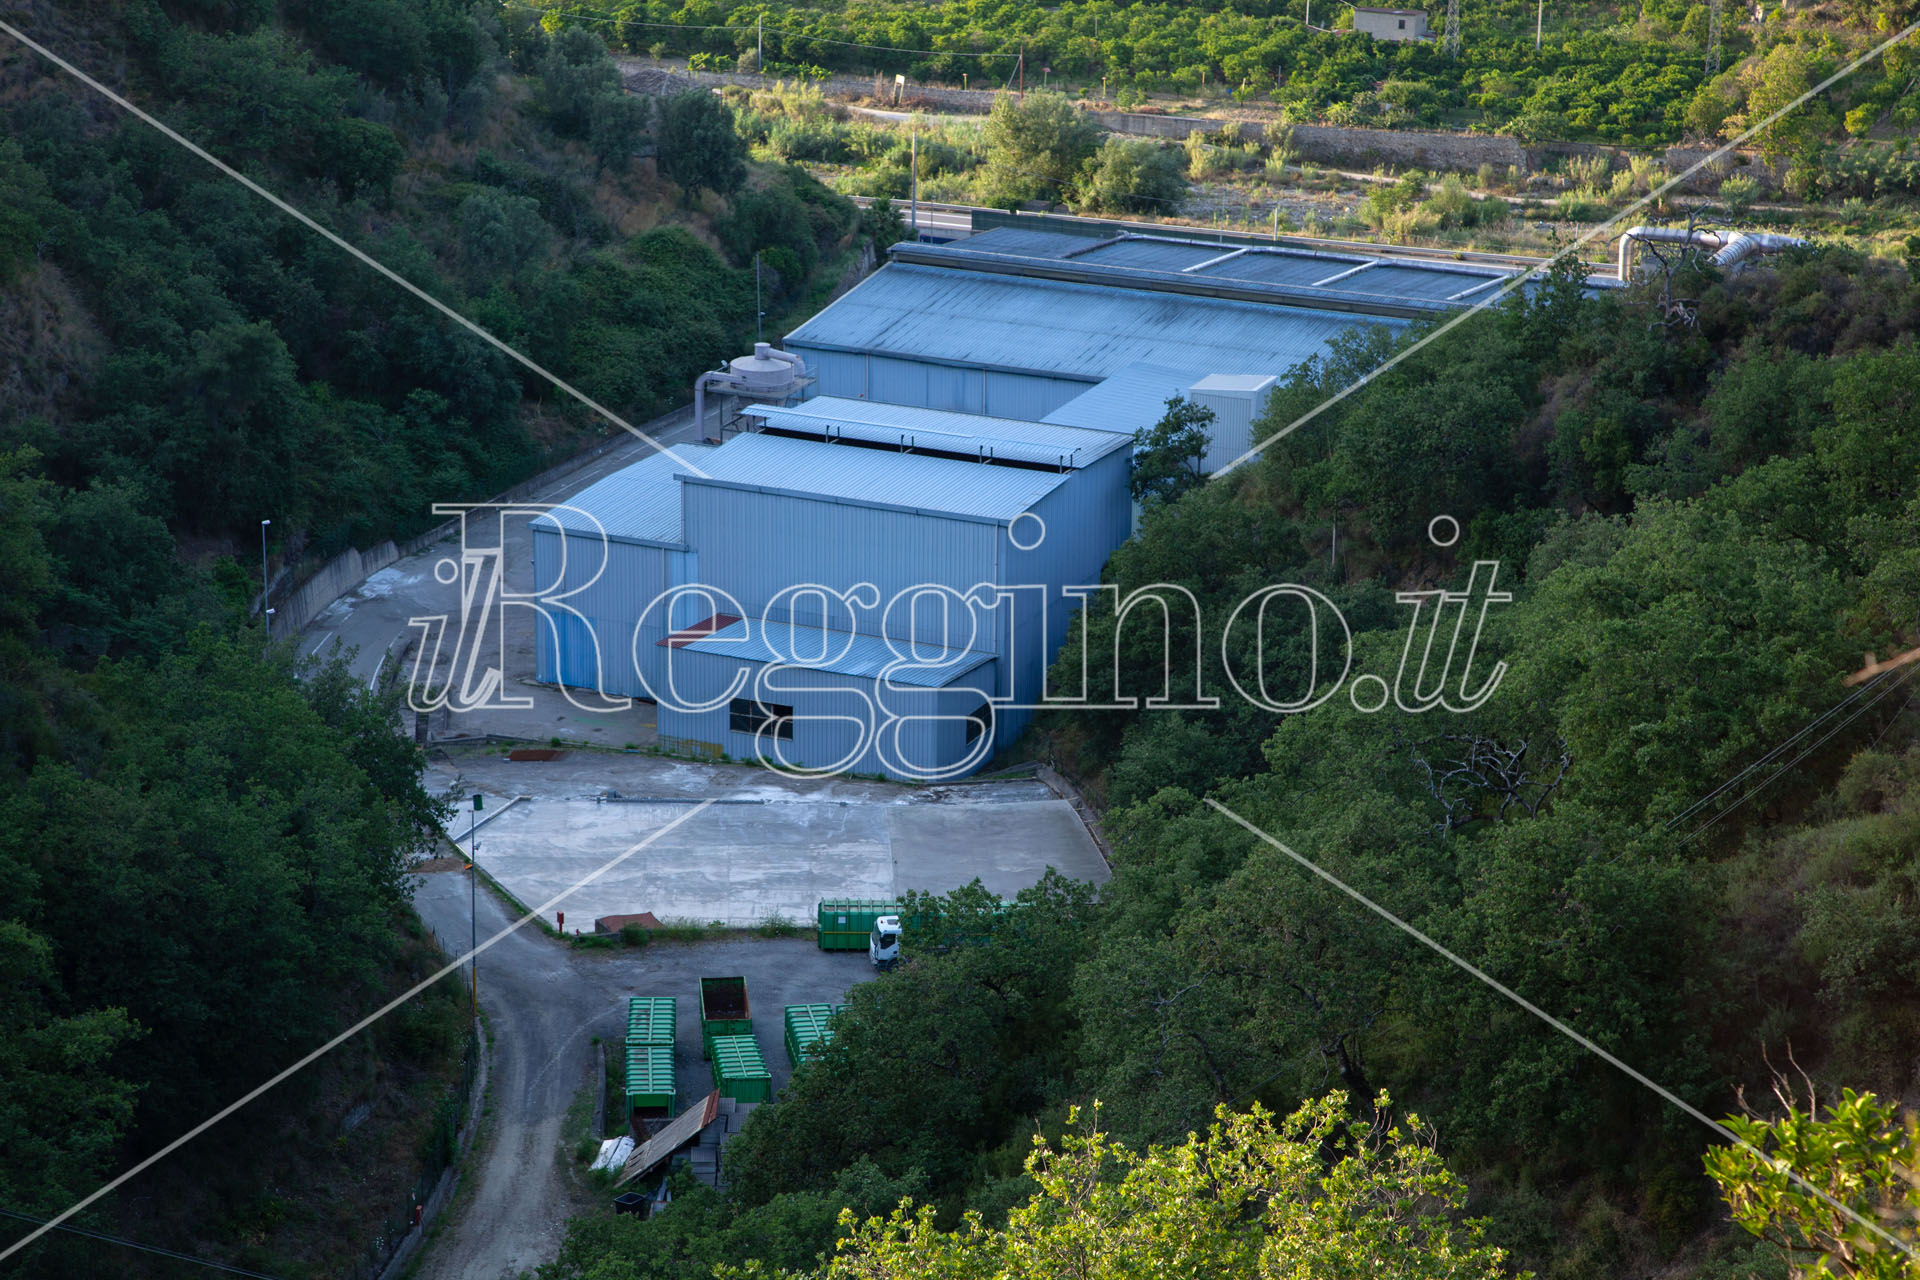 Rifiuti a Sambatello, il caso delle ecoballe approda alla procura di Reggio Calabria